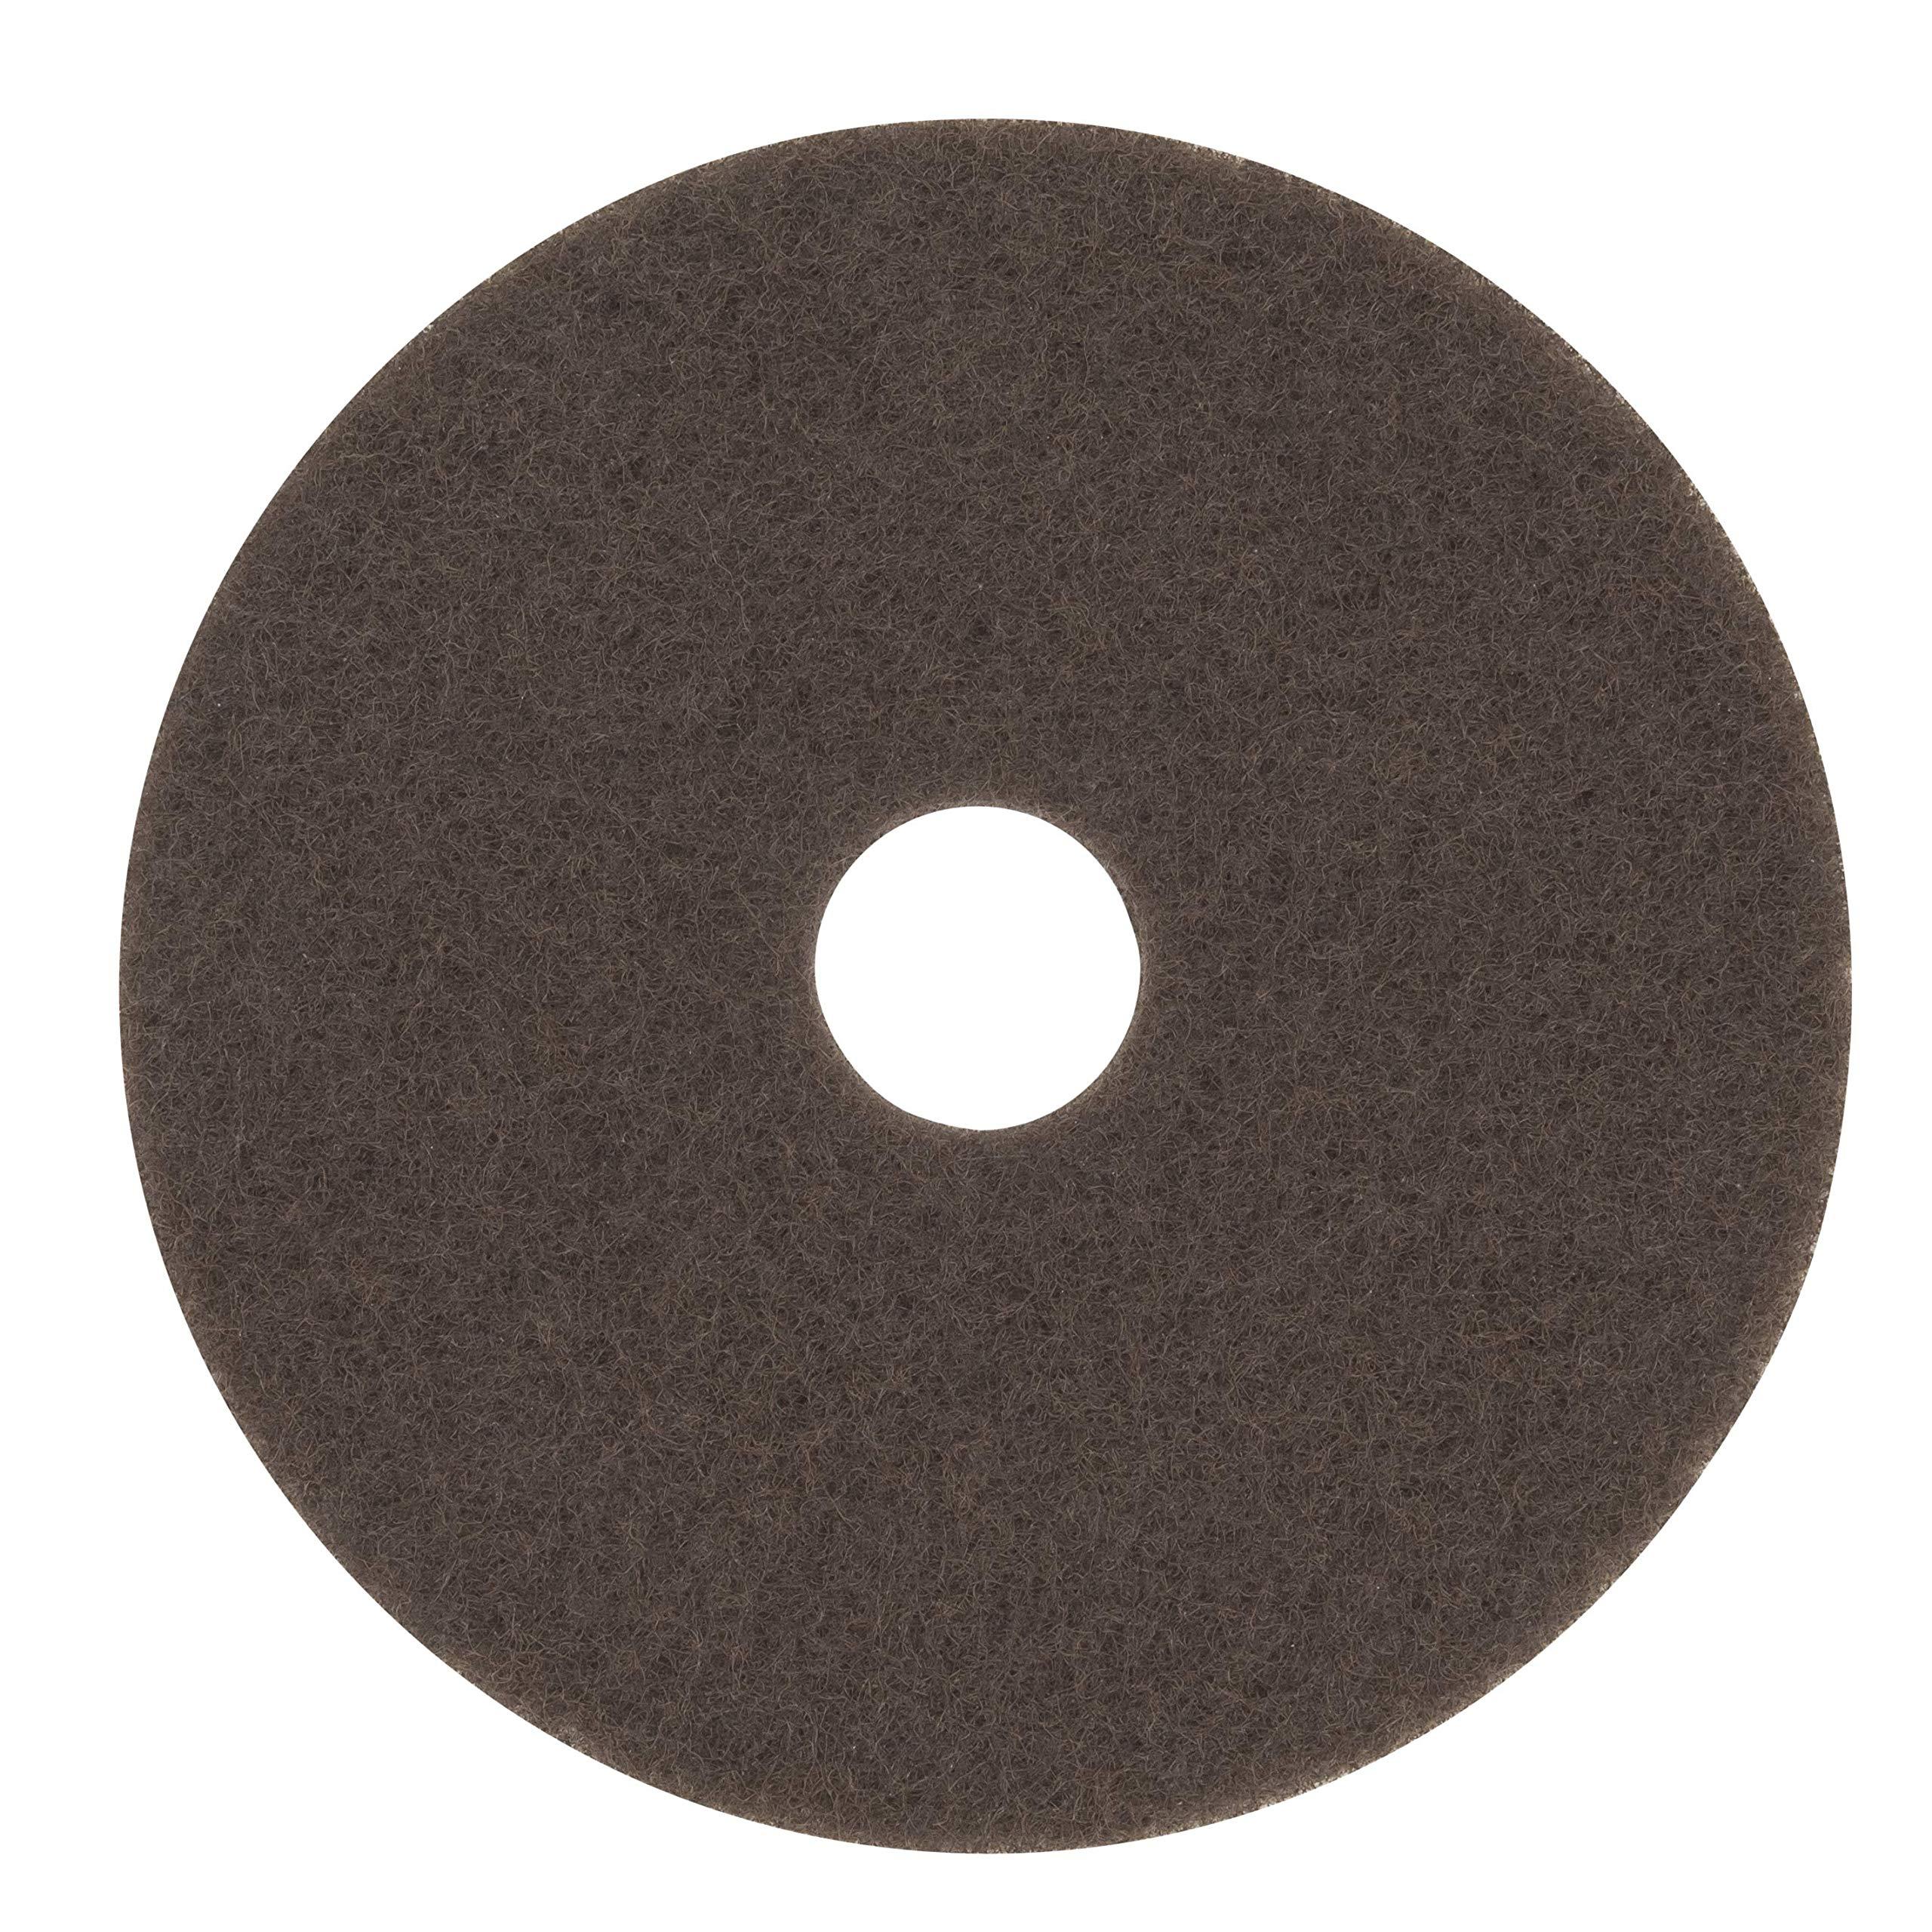 3M Brown Stripper Pad 7100, 17'' Floor Stripper Pad (Case of 5)